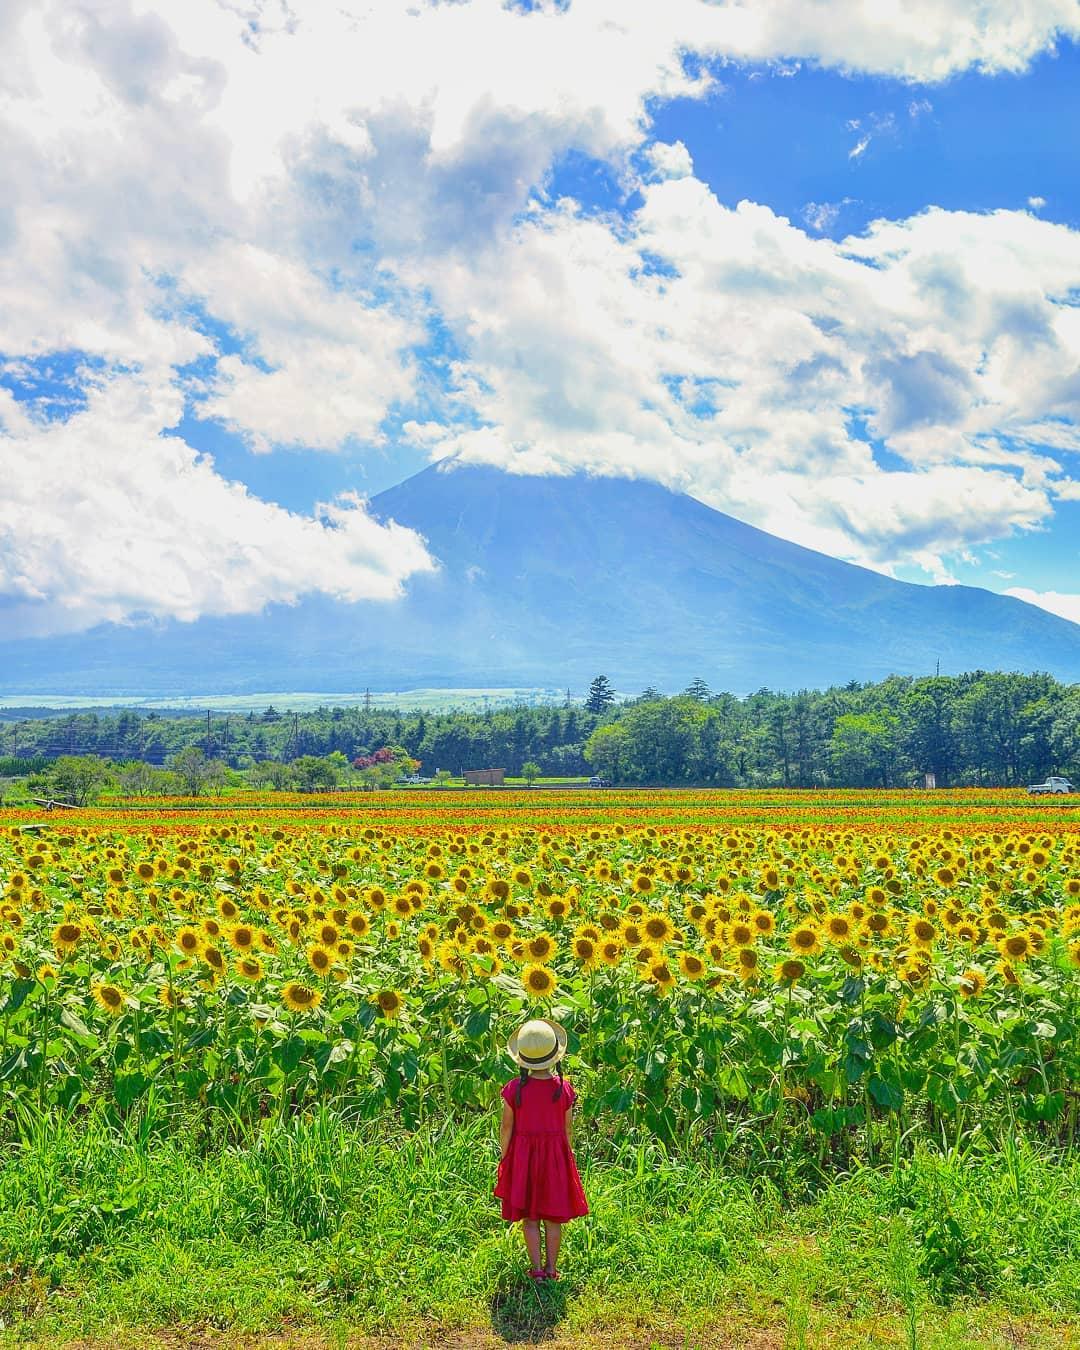 日本爸用「宮崎駿的方式」曬小孩 堅持「不拍正面」成果超夢幻爸媽都該學起來!